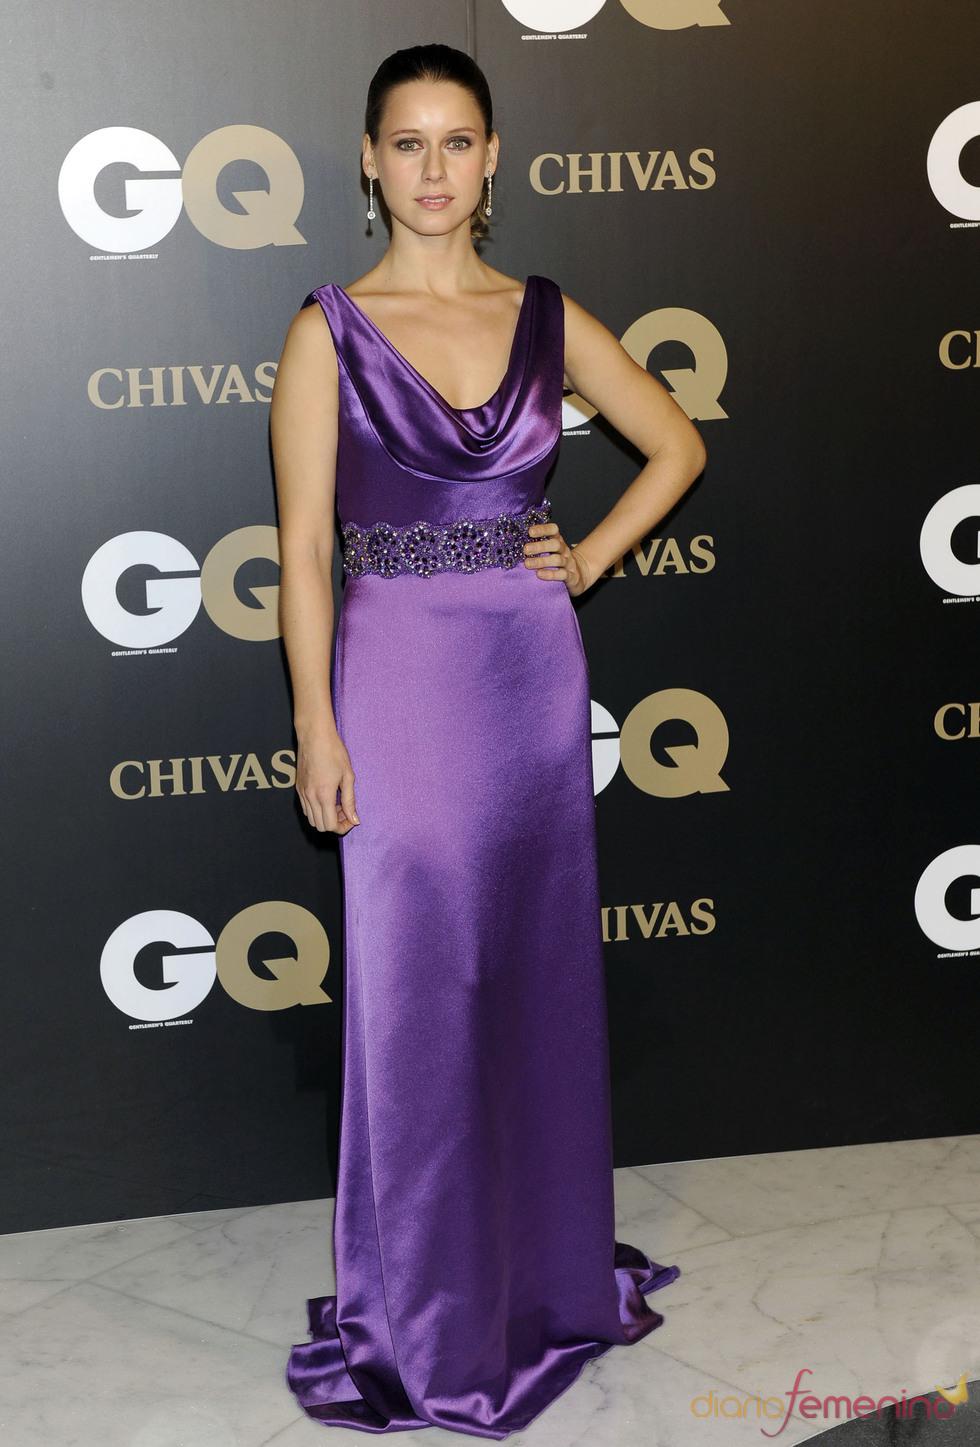 Manuela Velles en los premios españoles GQ 2010